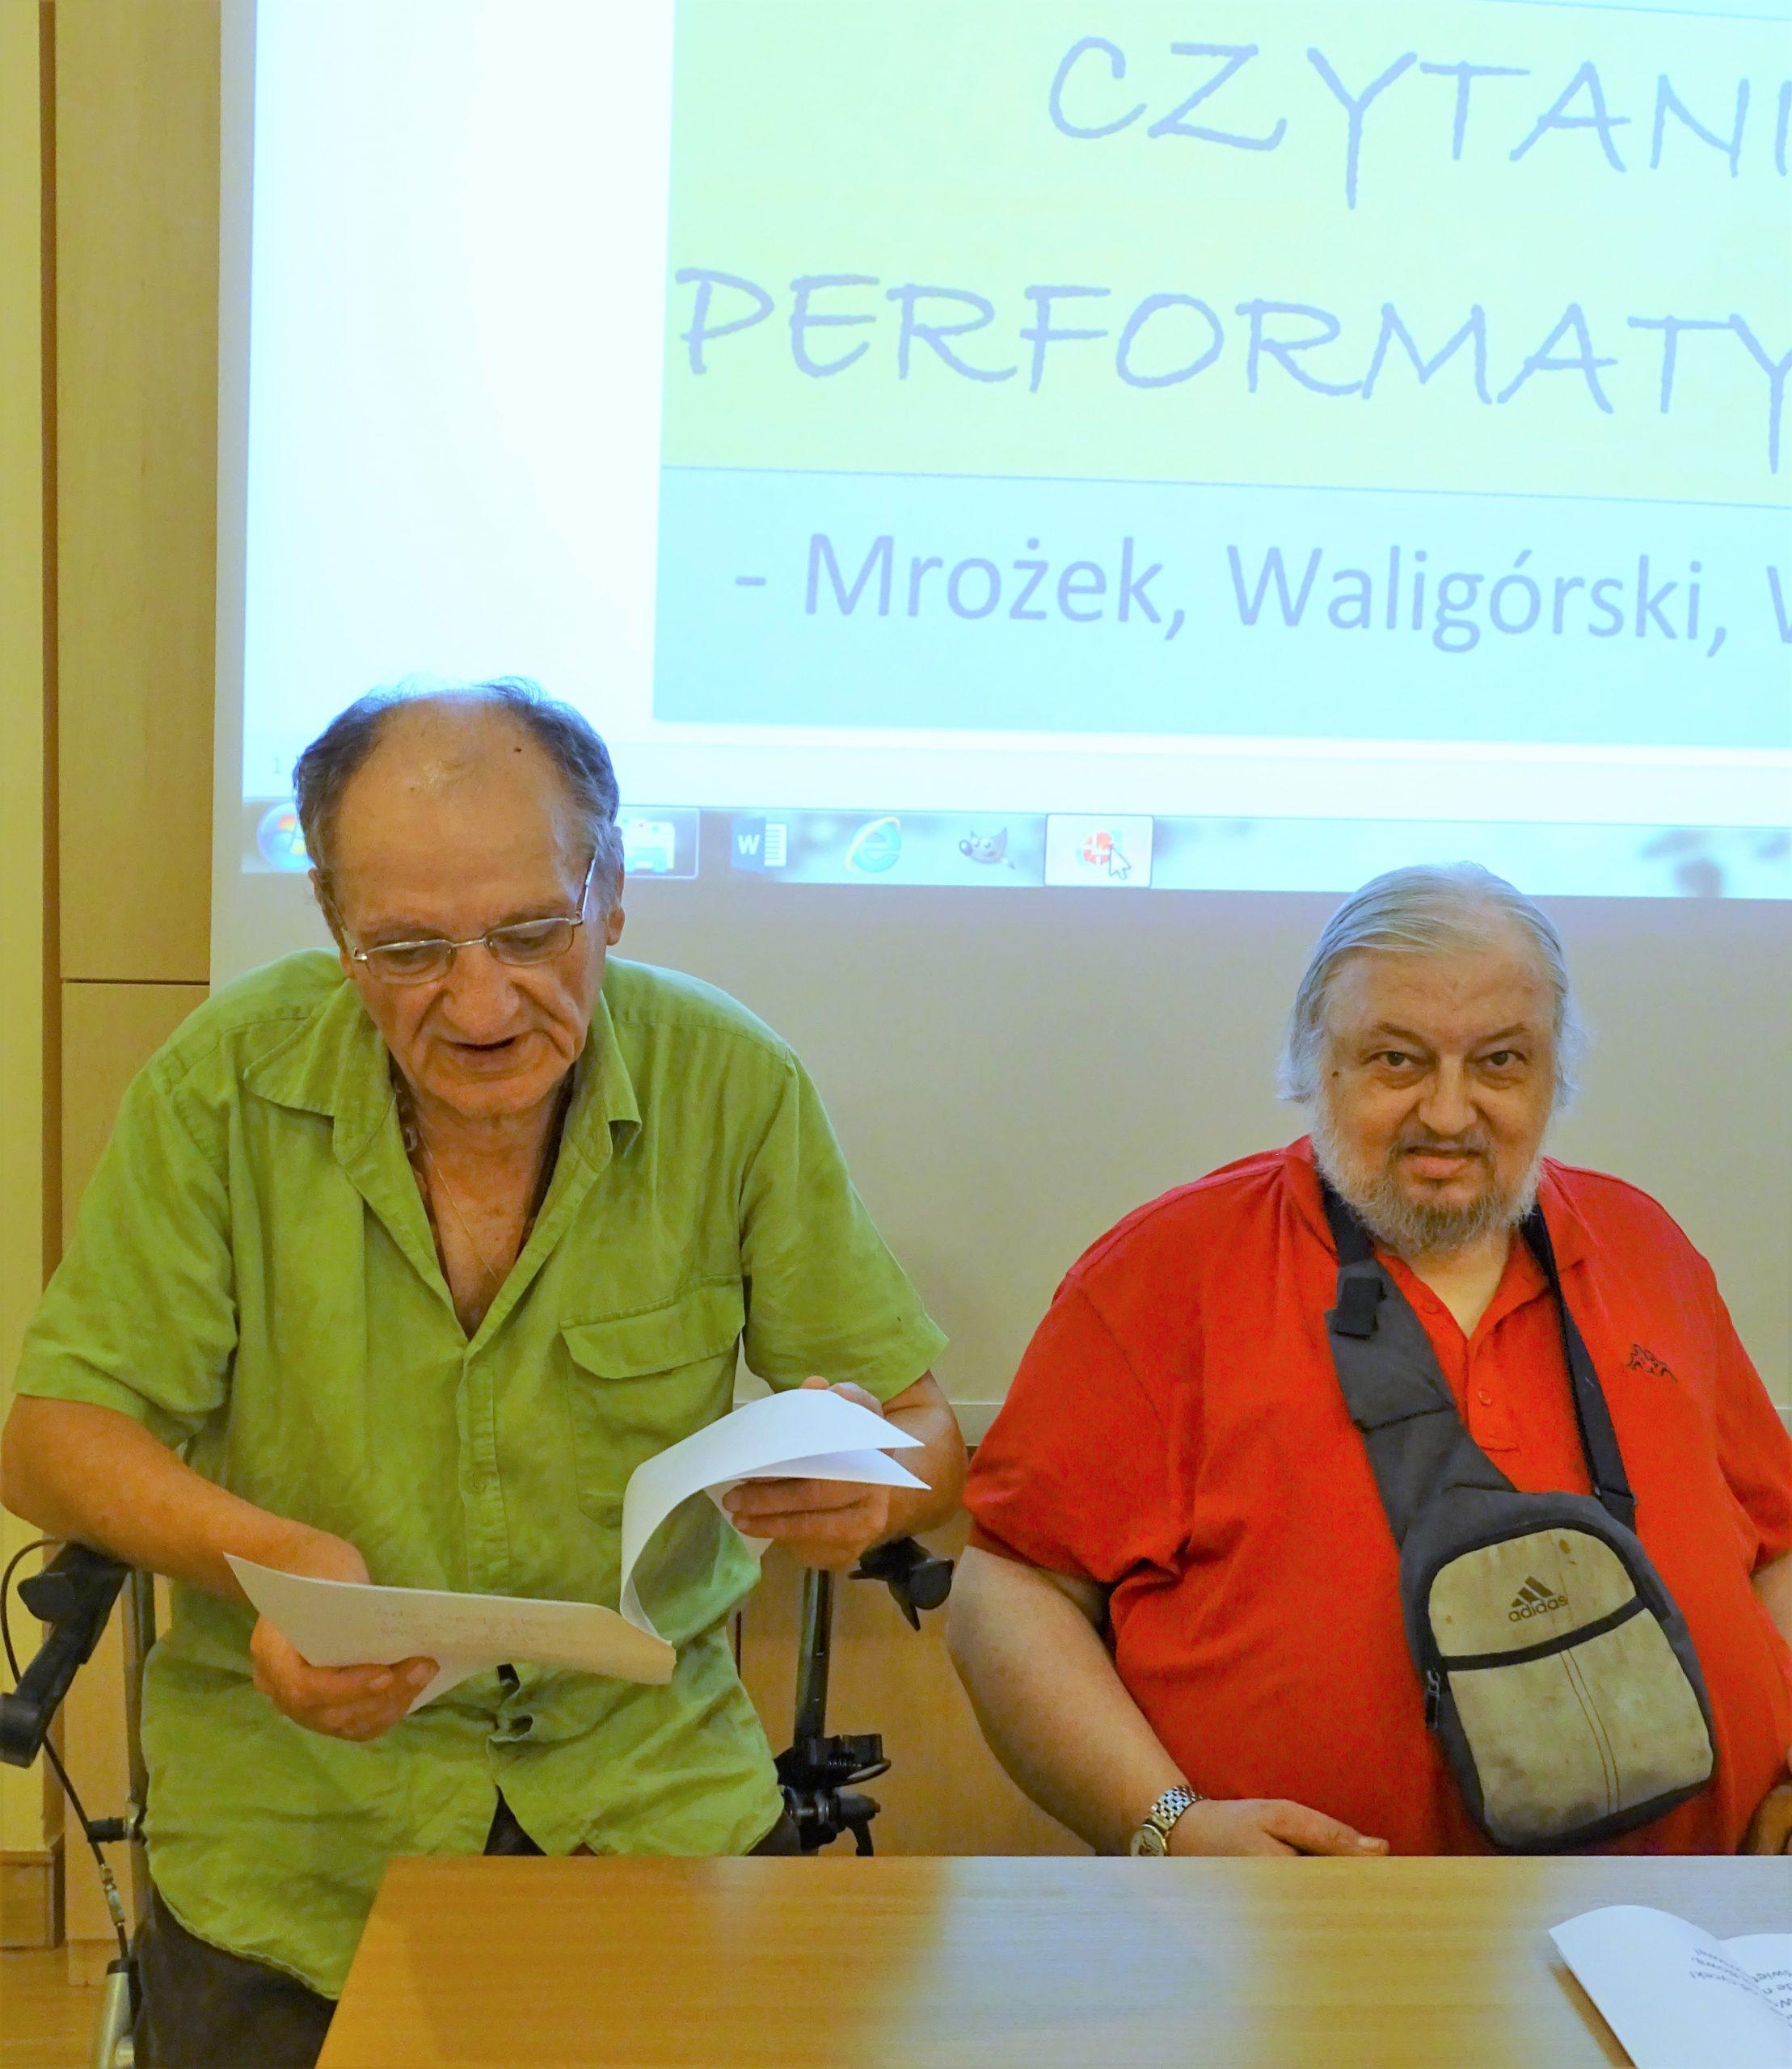 Dwóch mężczyzn bierze udział w czytaniu performatywnym